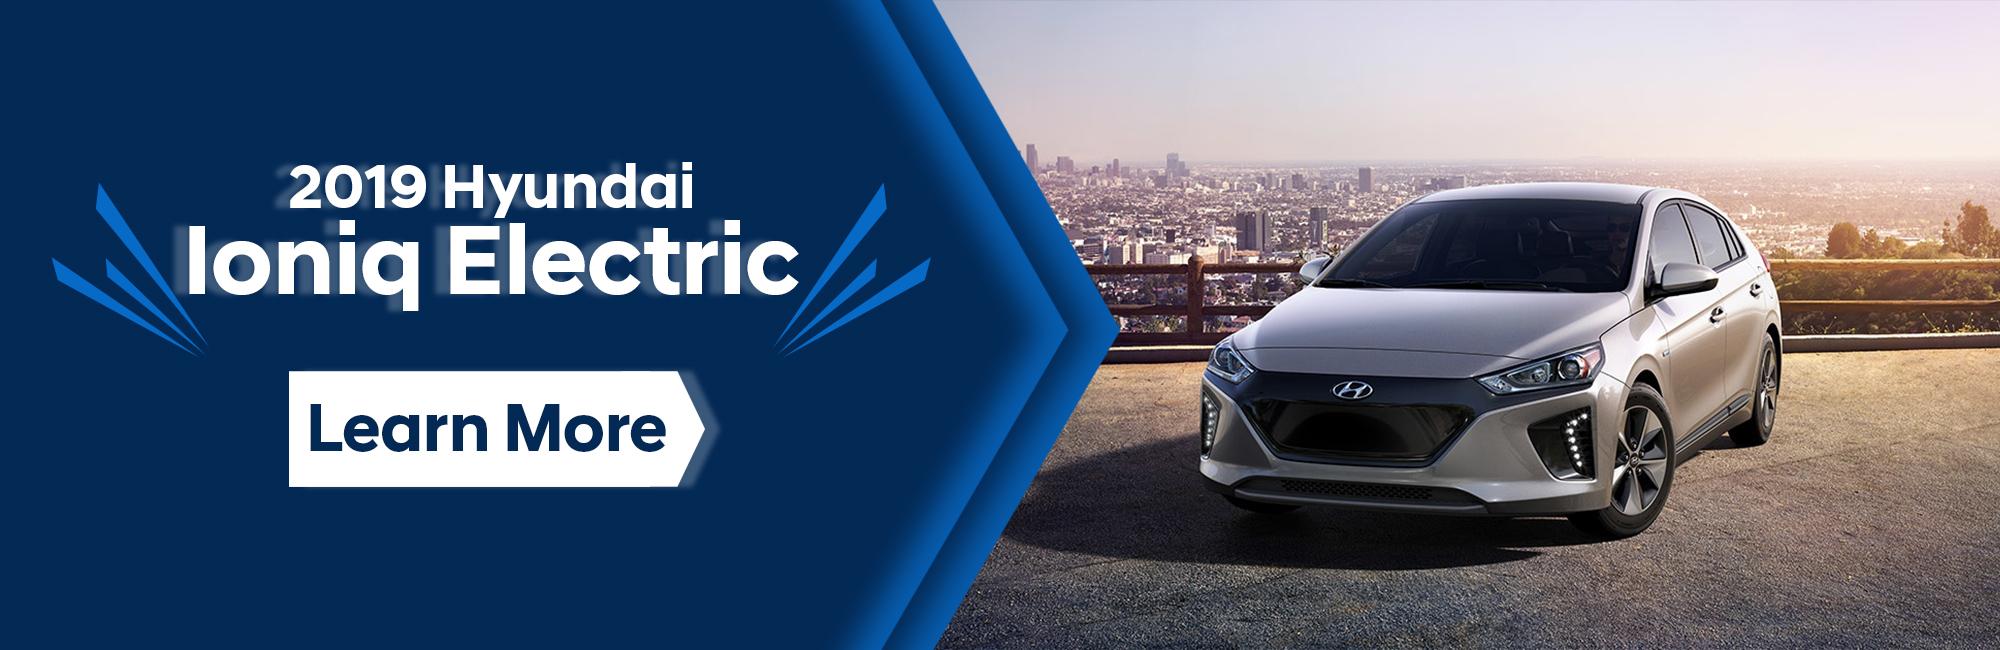 2019 Hyundai Iconiq Electric